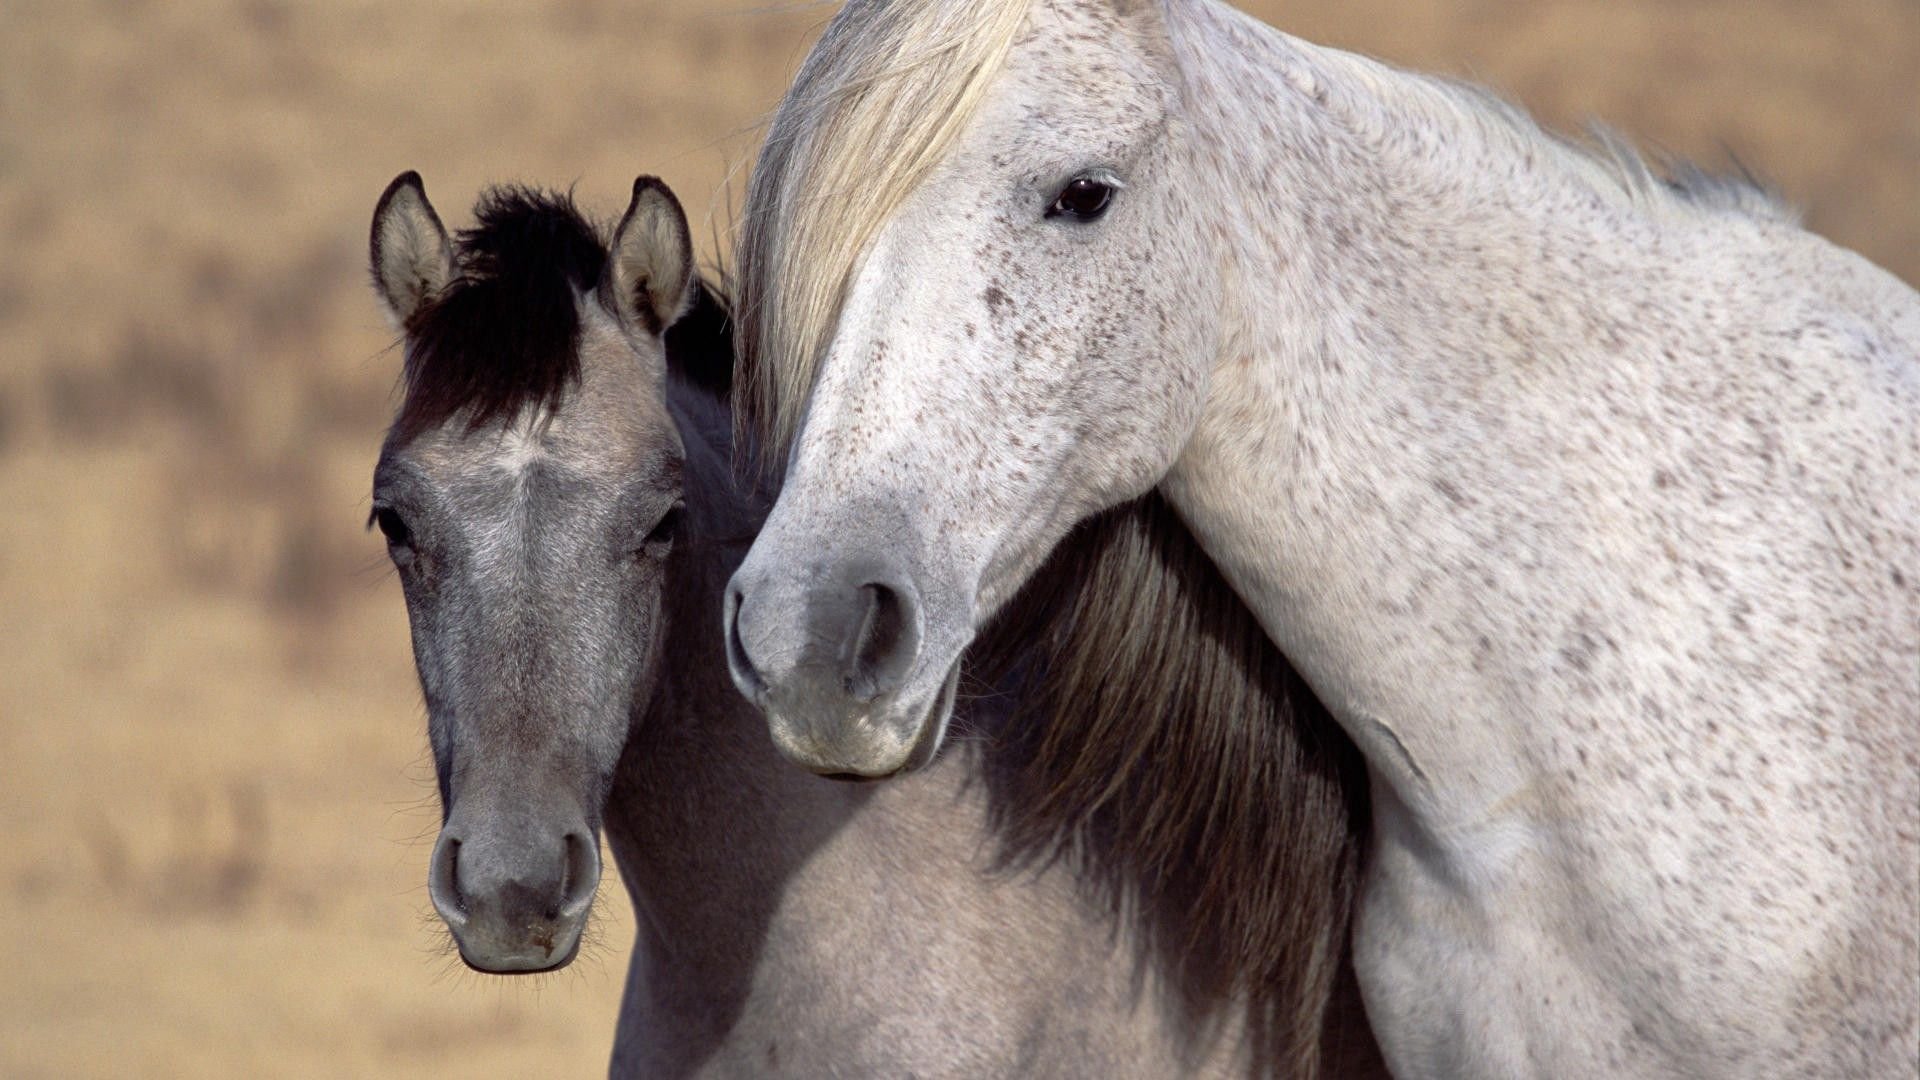 64528 скачать обои Лошади, Животные, Пара, Морда, Грива - заставки и картинки бесплатно